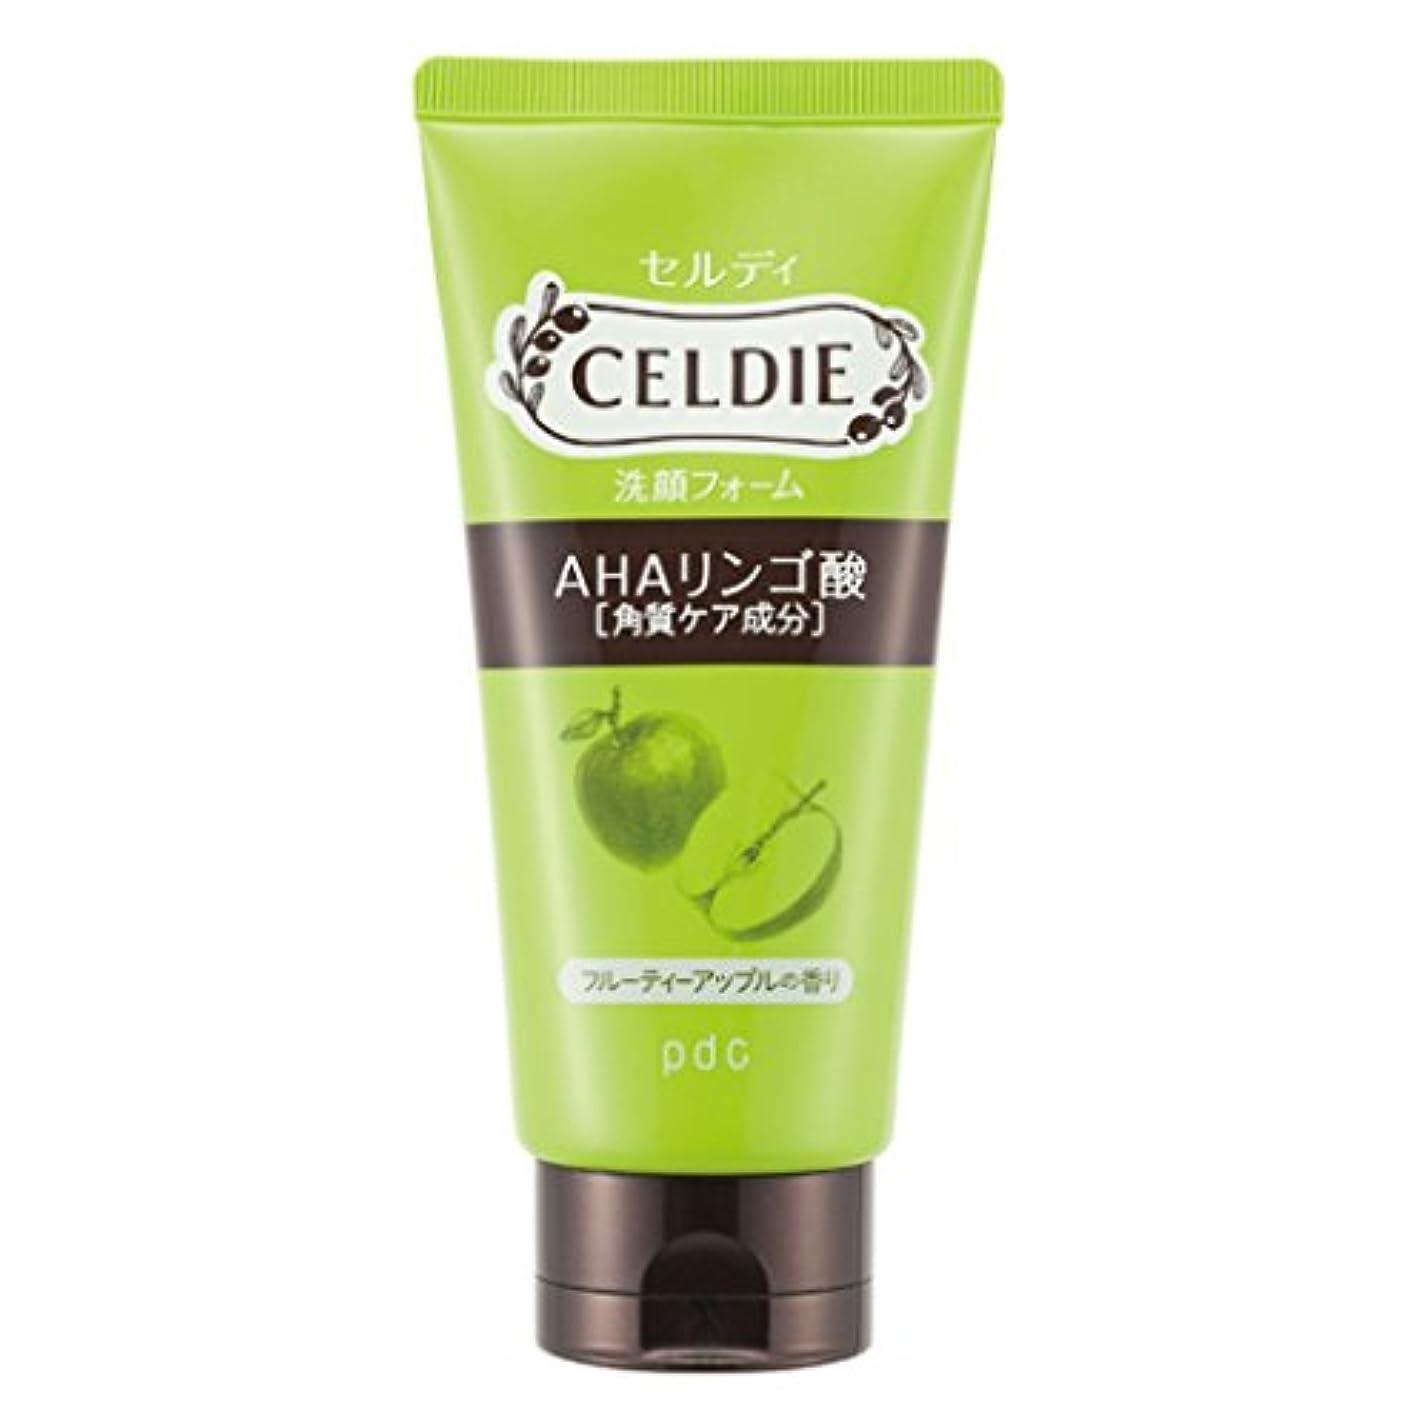 コート悩み正統派CELDIE(セルディ) 美肌洗顔 AHA 120g